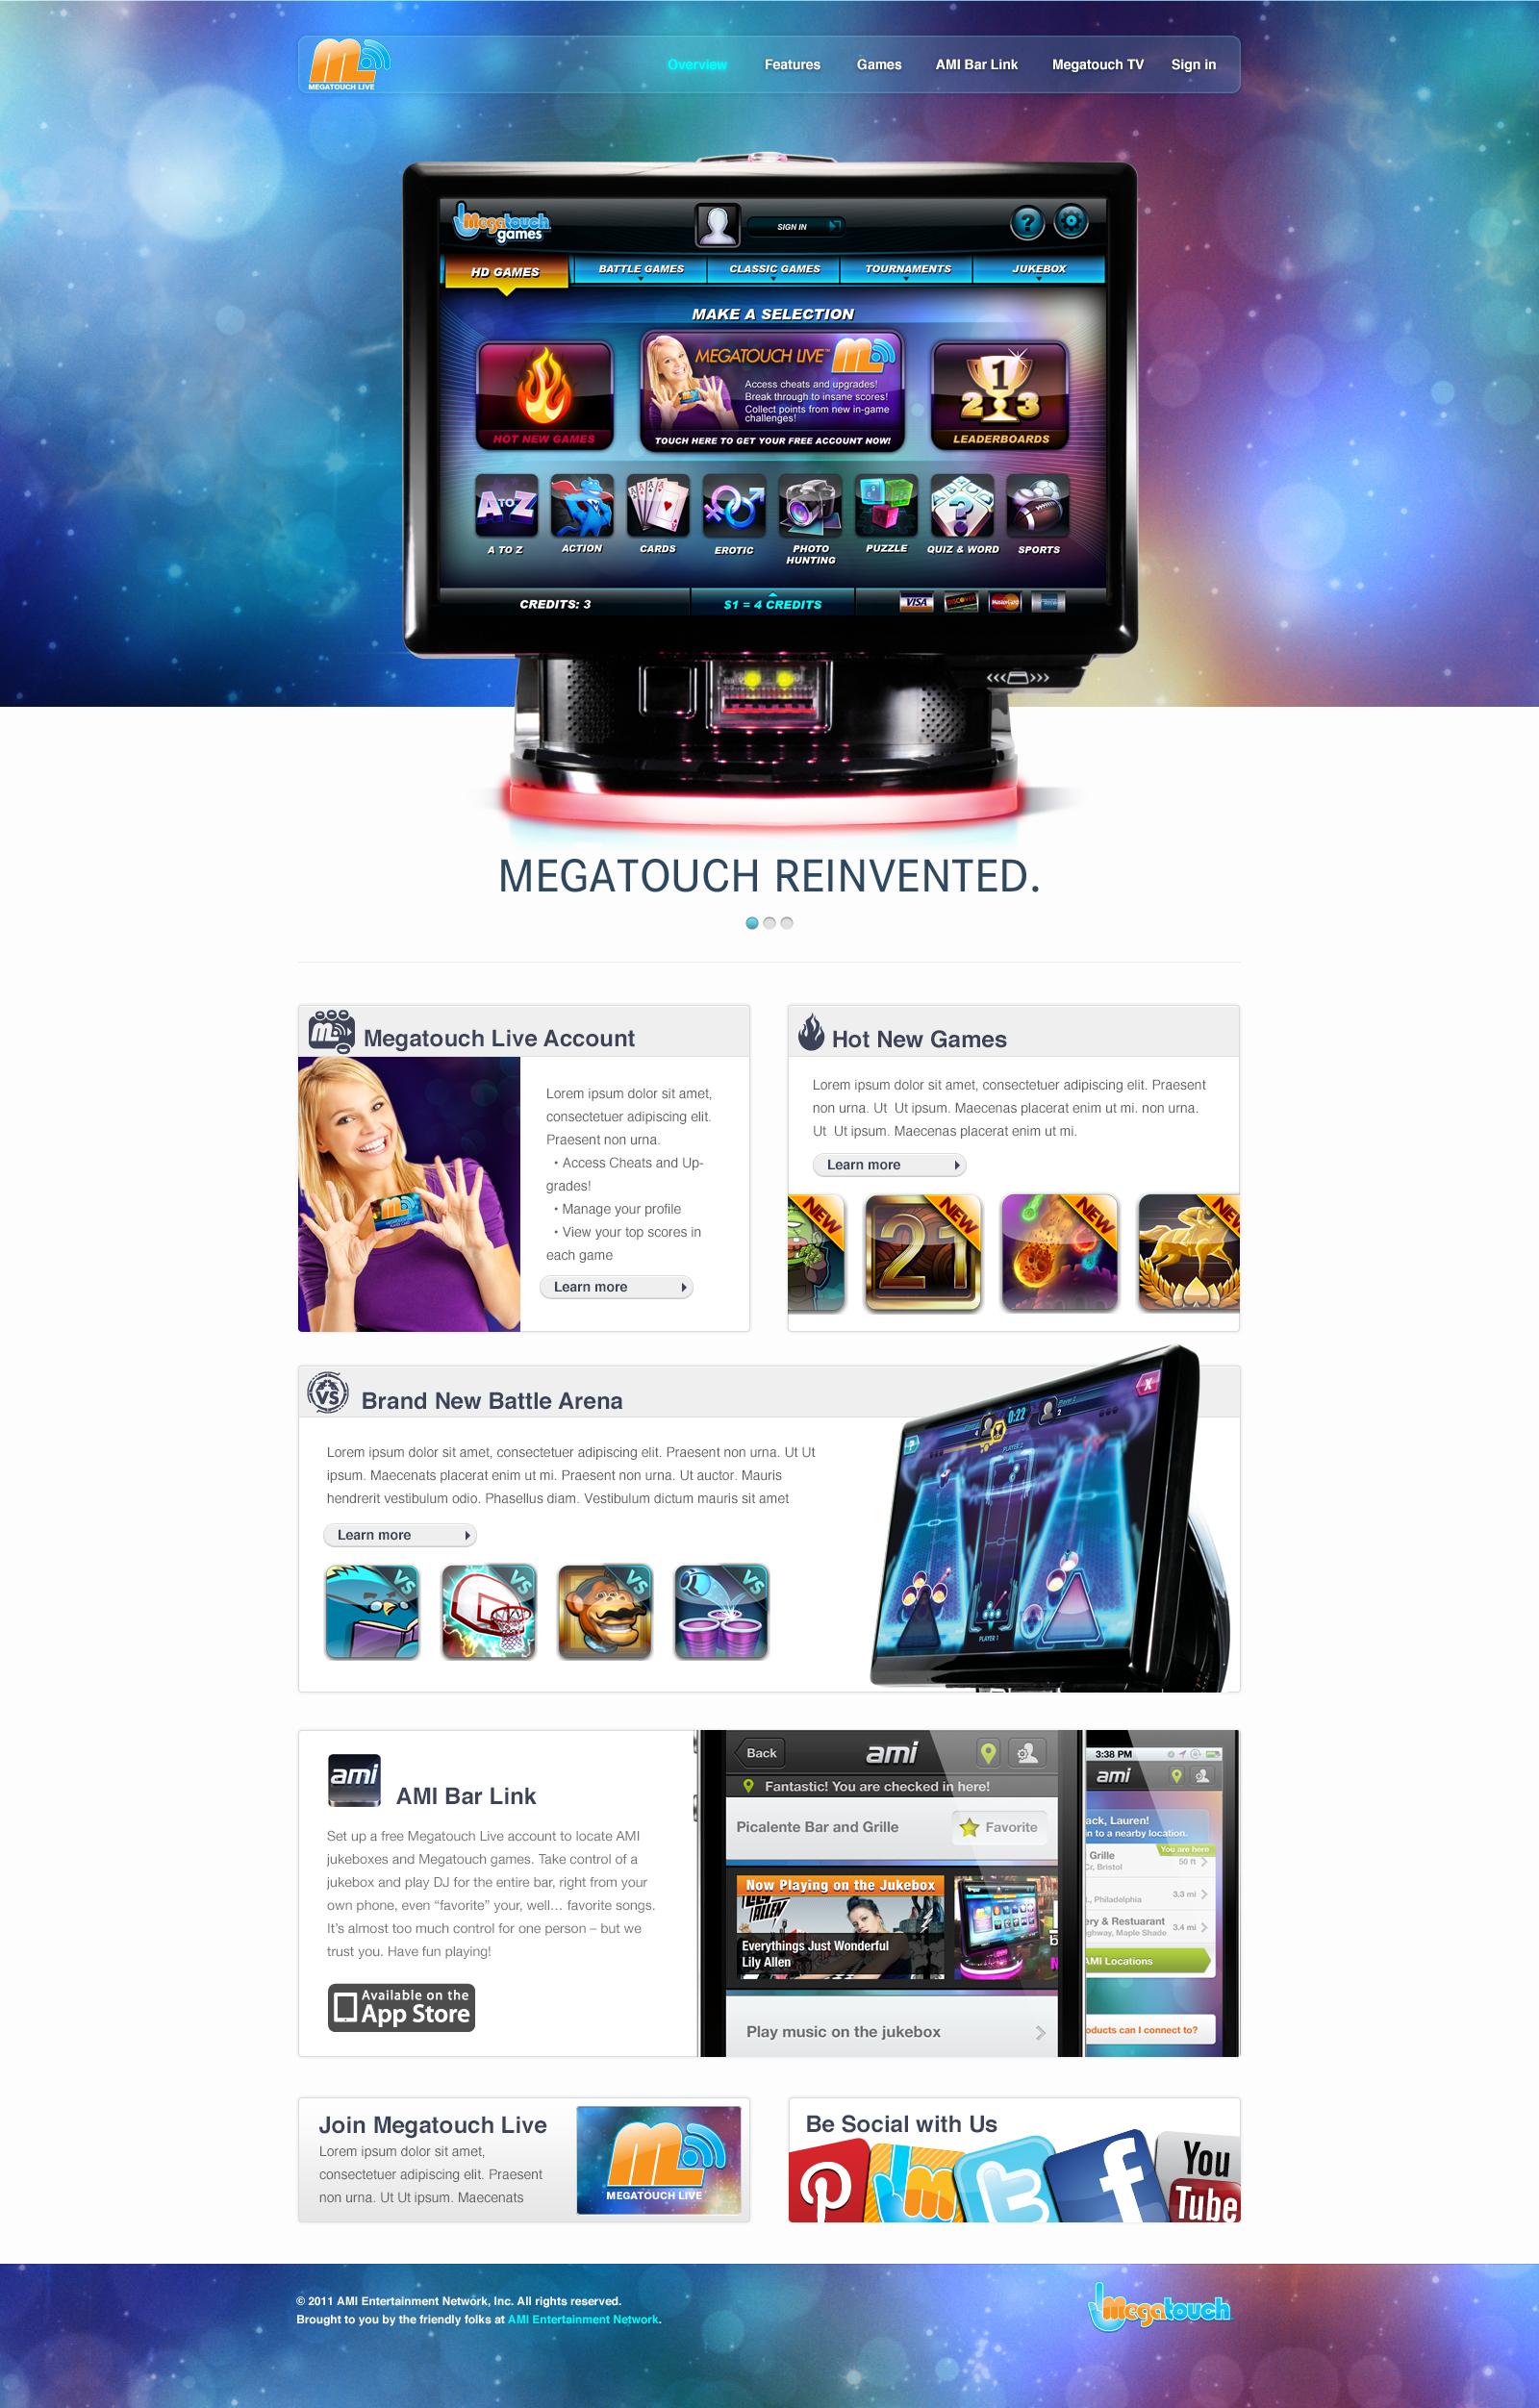 Fullsize mlwebsite